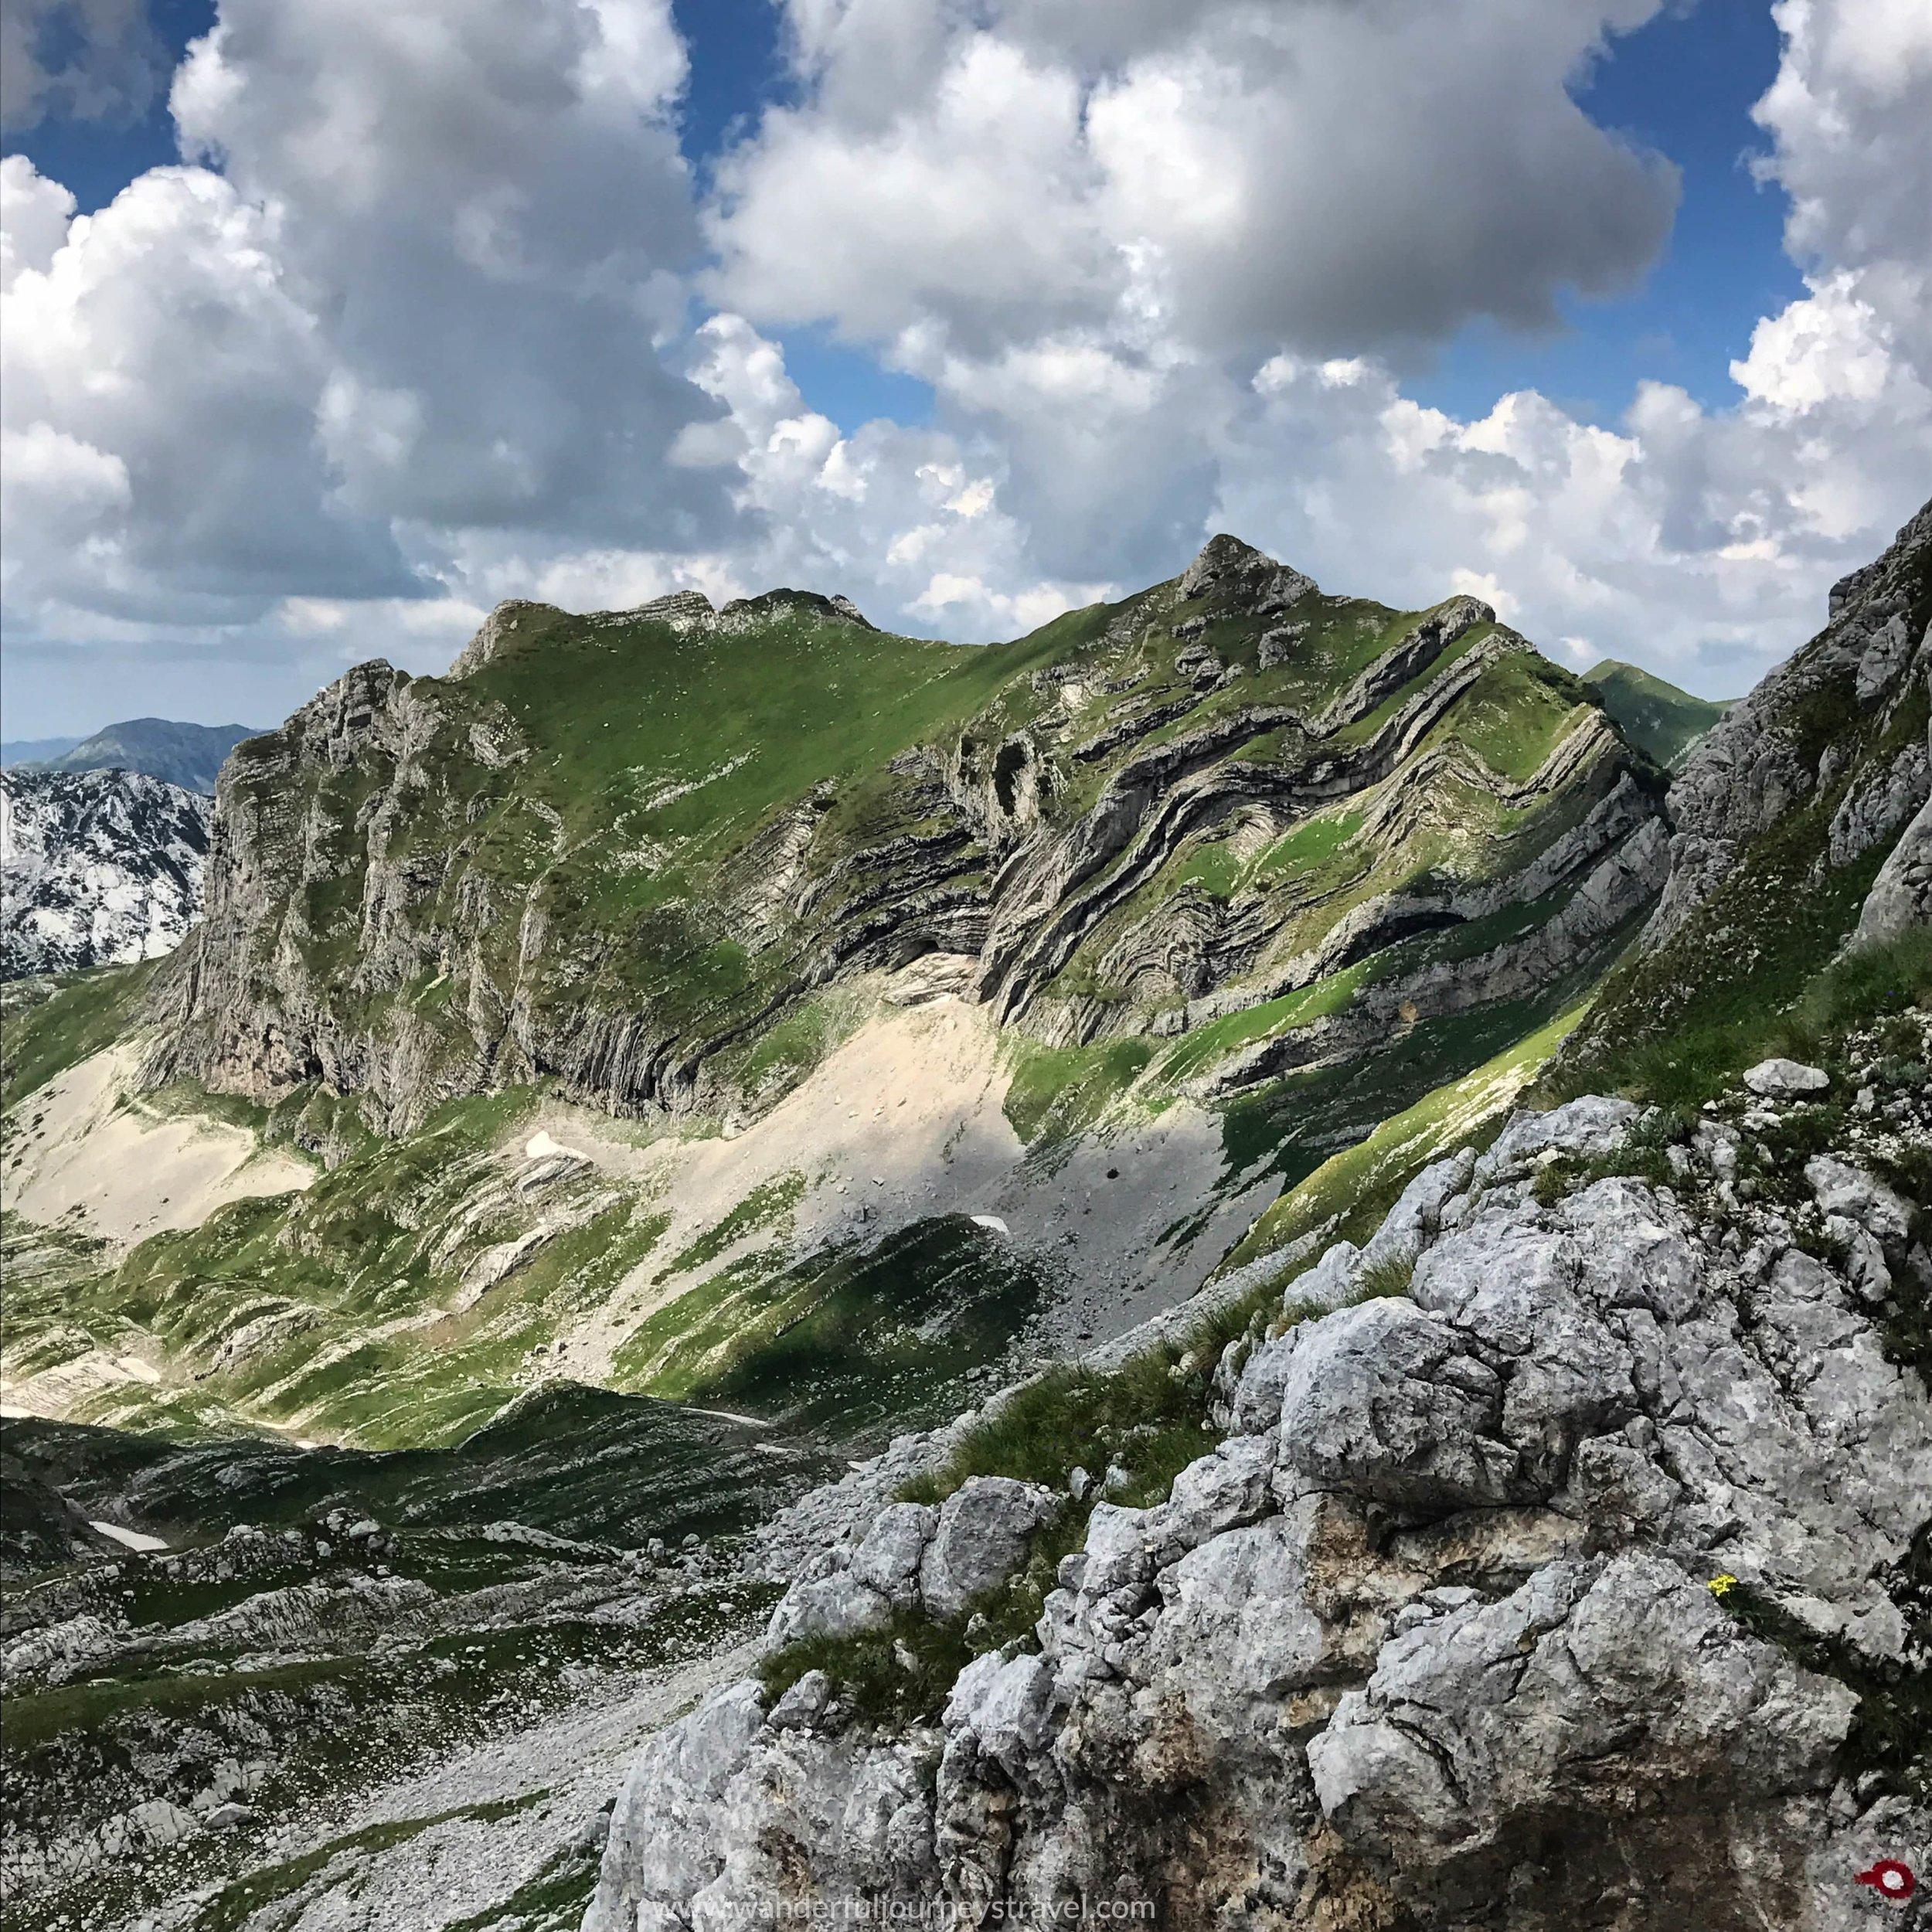 Bobotov-kuk-hike-durmitor-montenegro-geology-view.JPG